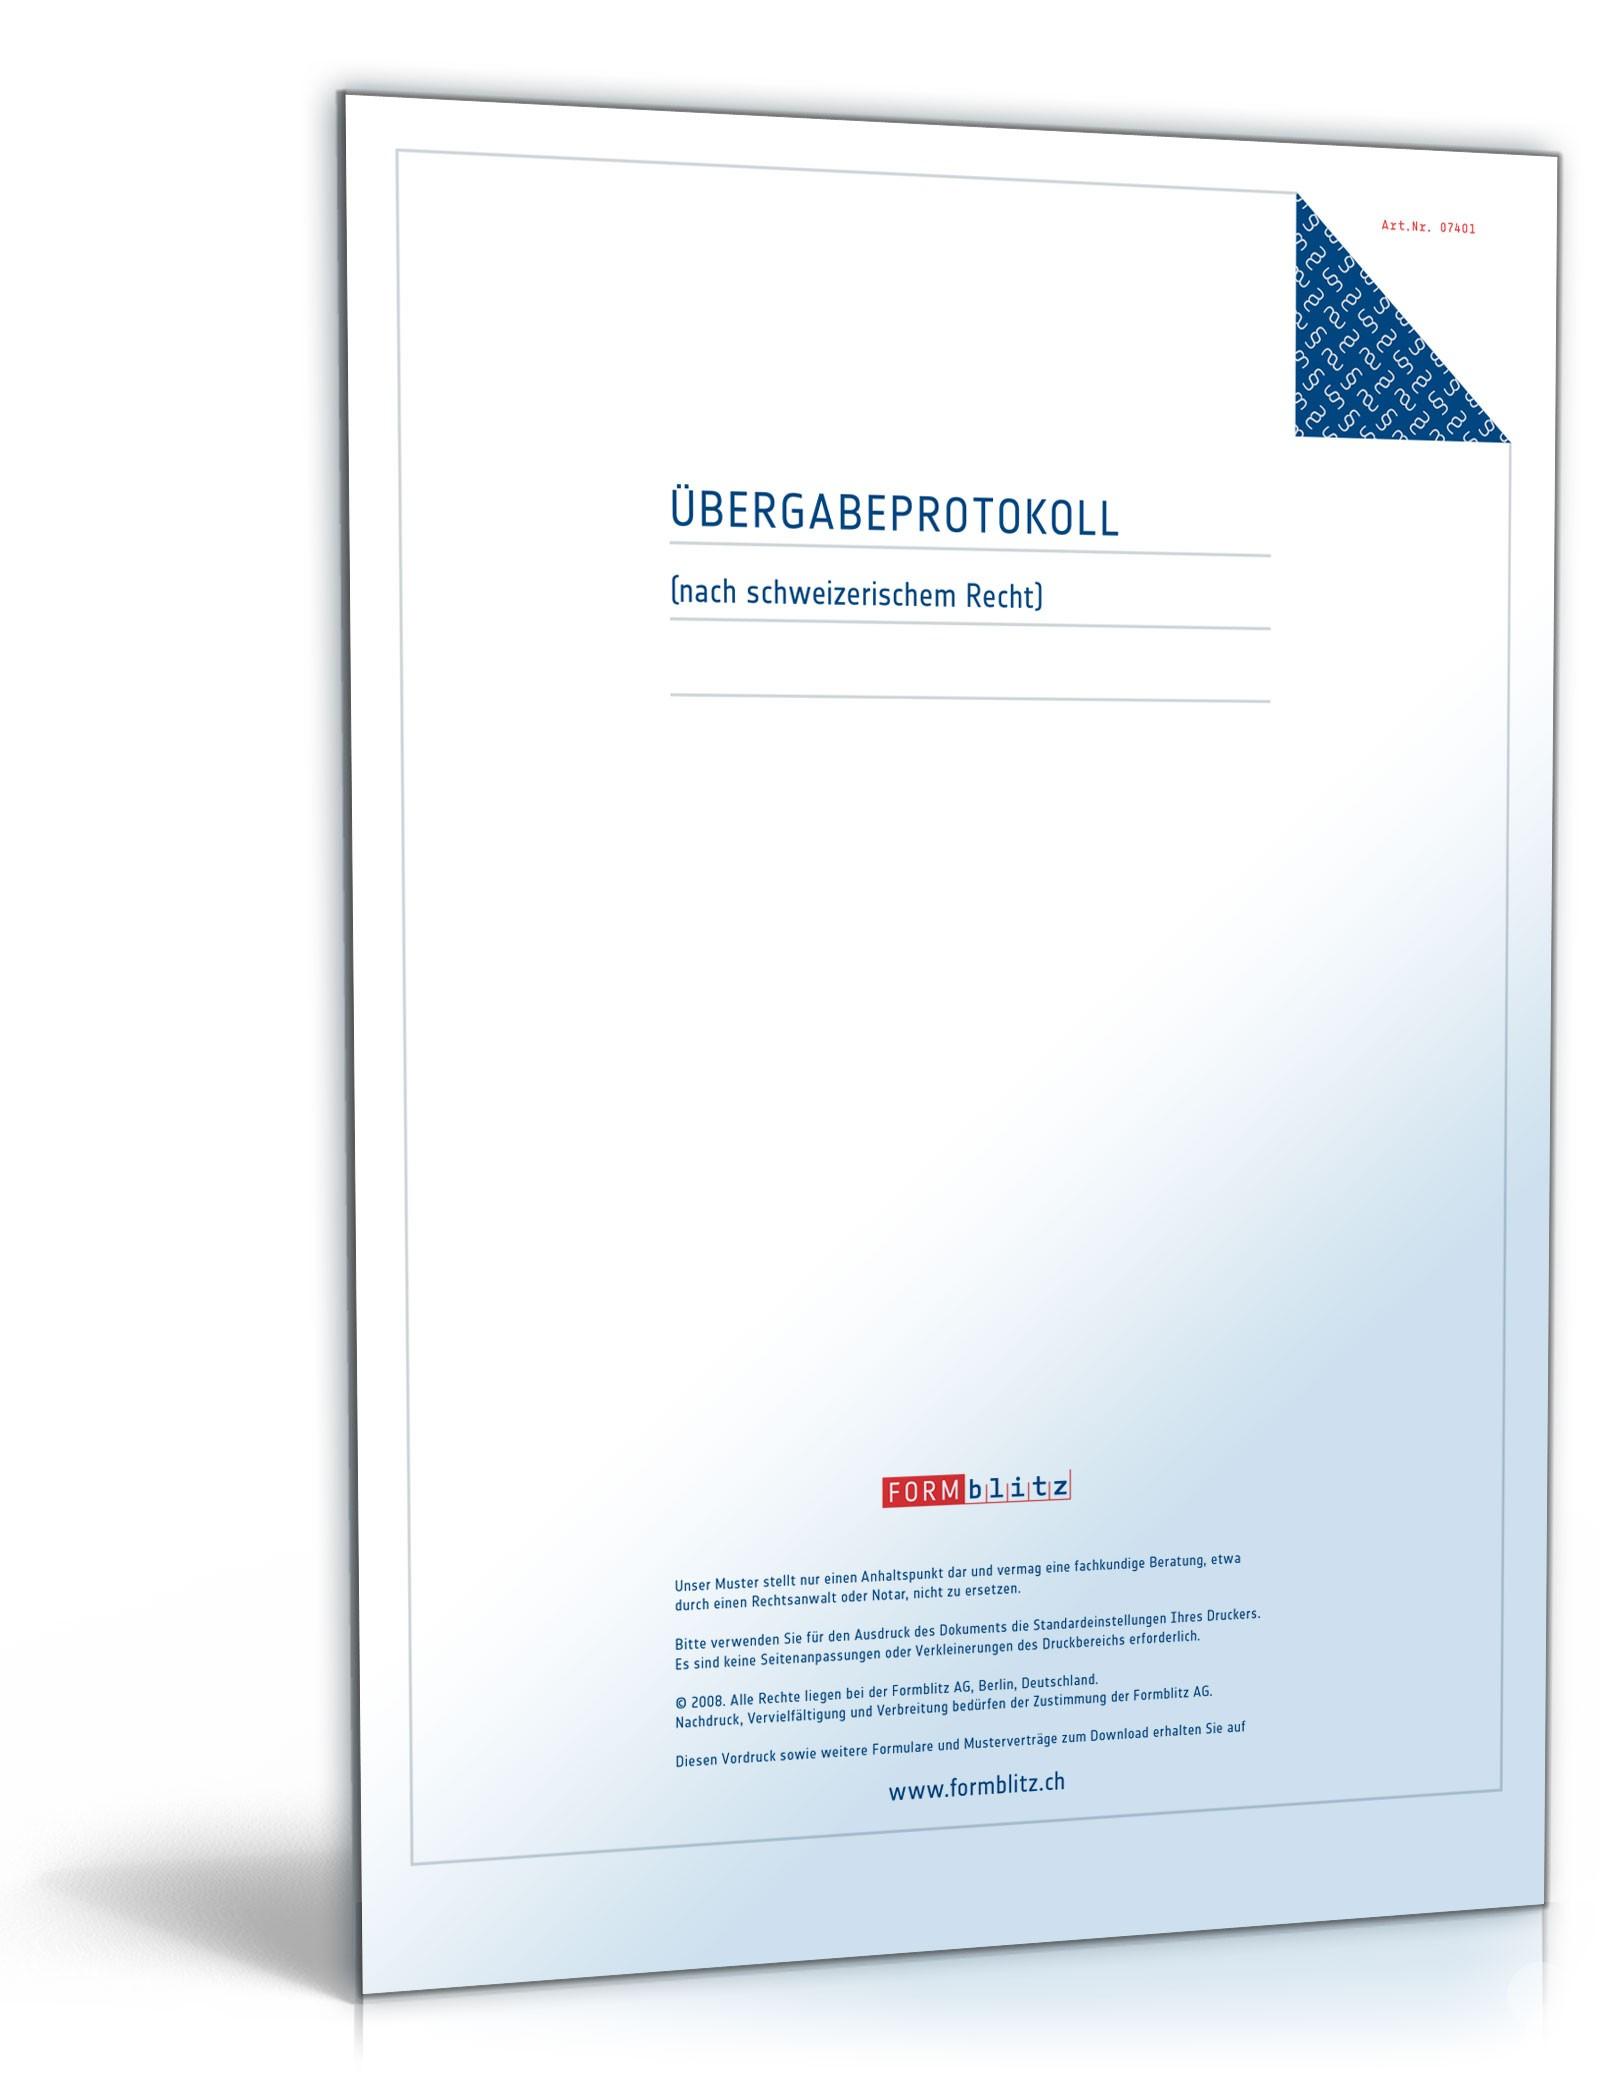 bergabeprotokoll als anlage eines mietvertrages - Ubergabeprotokoll Mietwohnung Muster